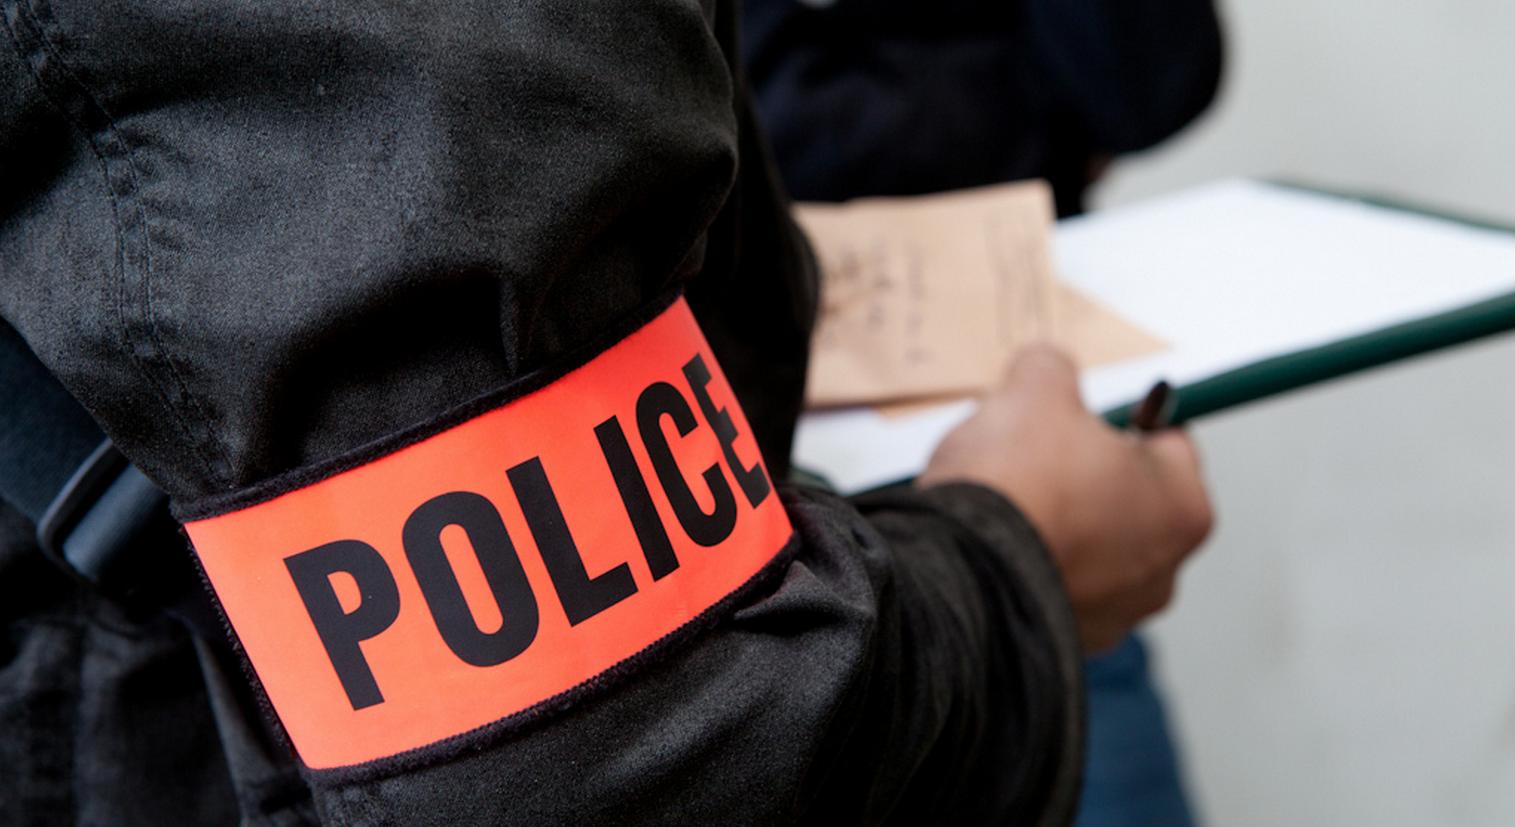 La police a ouvert une enquête en recherche des causes de la mort (Illustration)